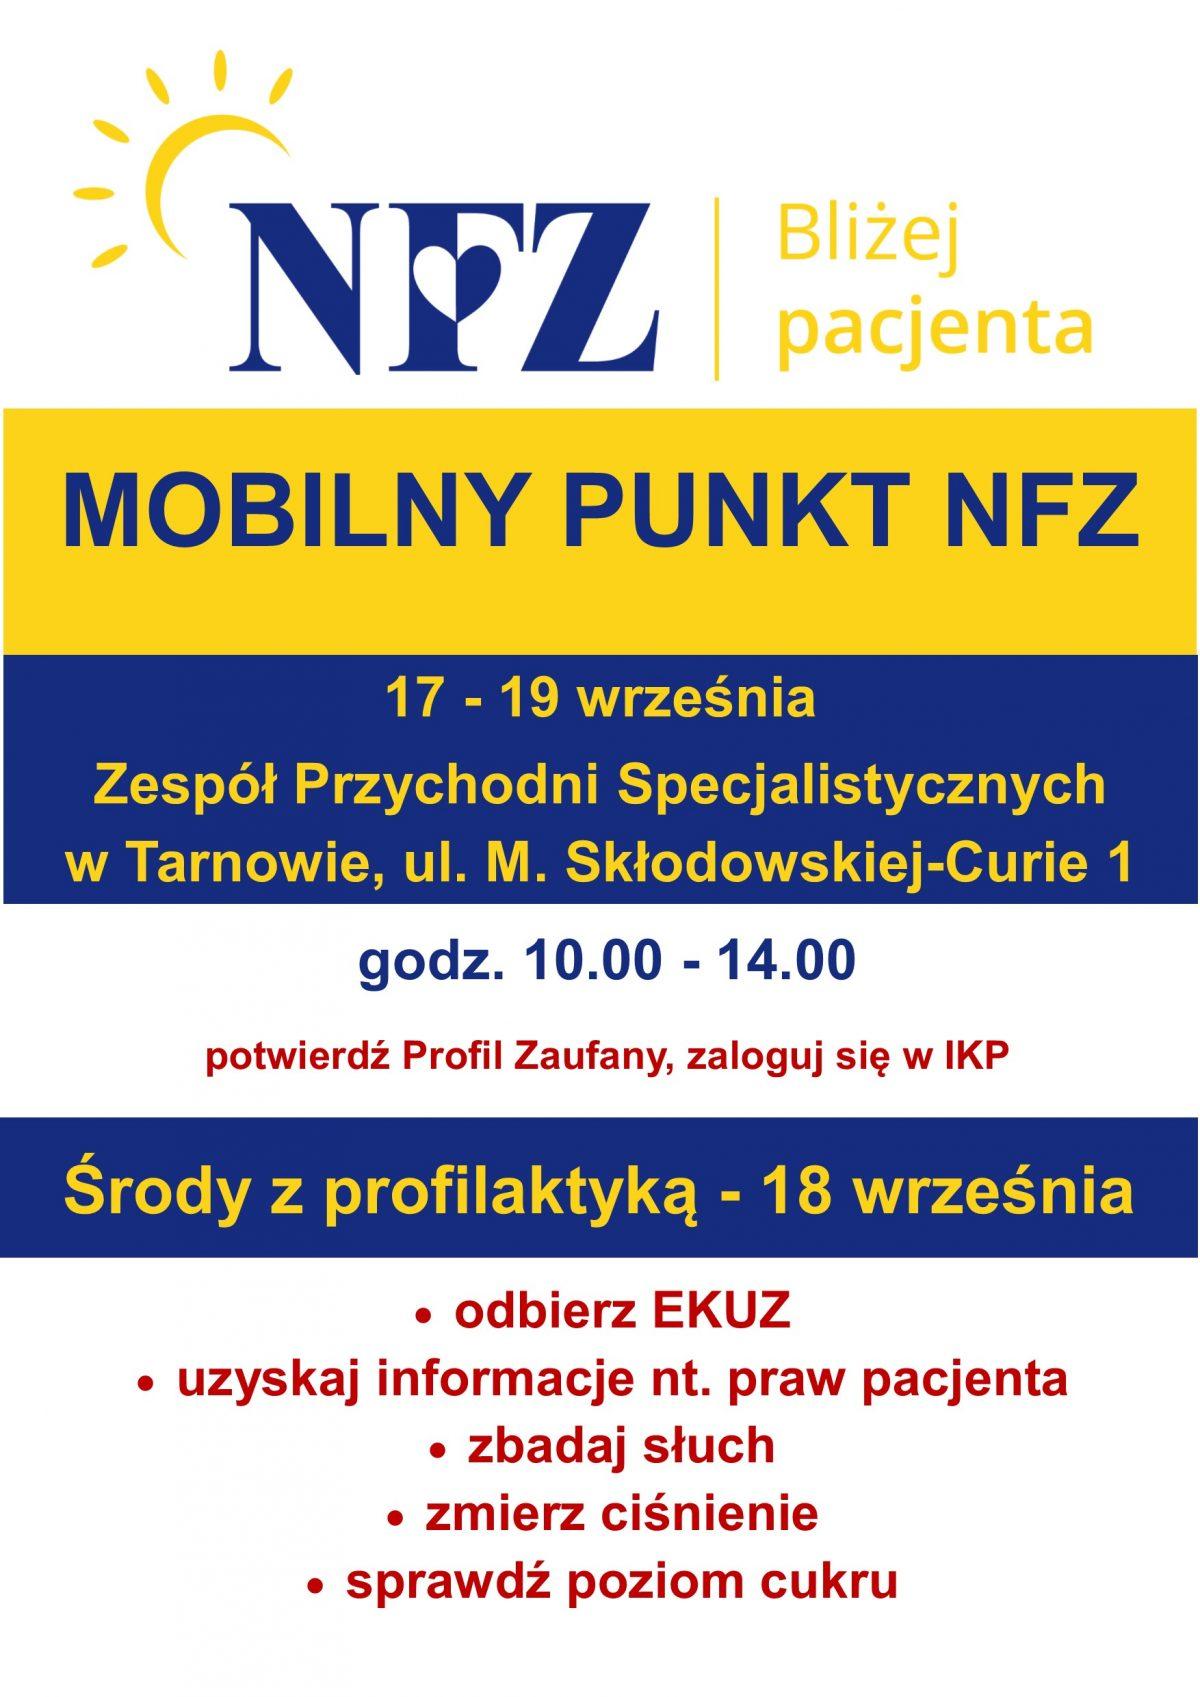 Mobilny Punkt NFZ - 17-19 września 2019